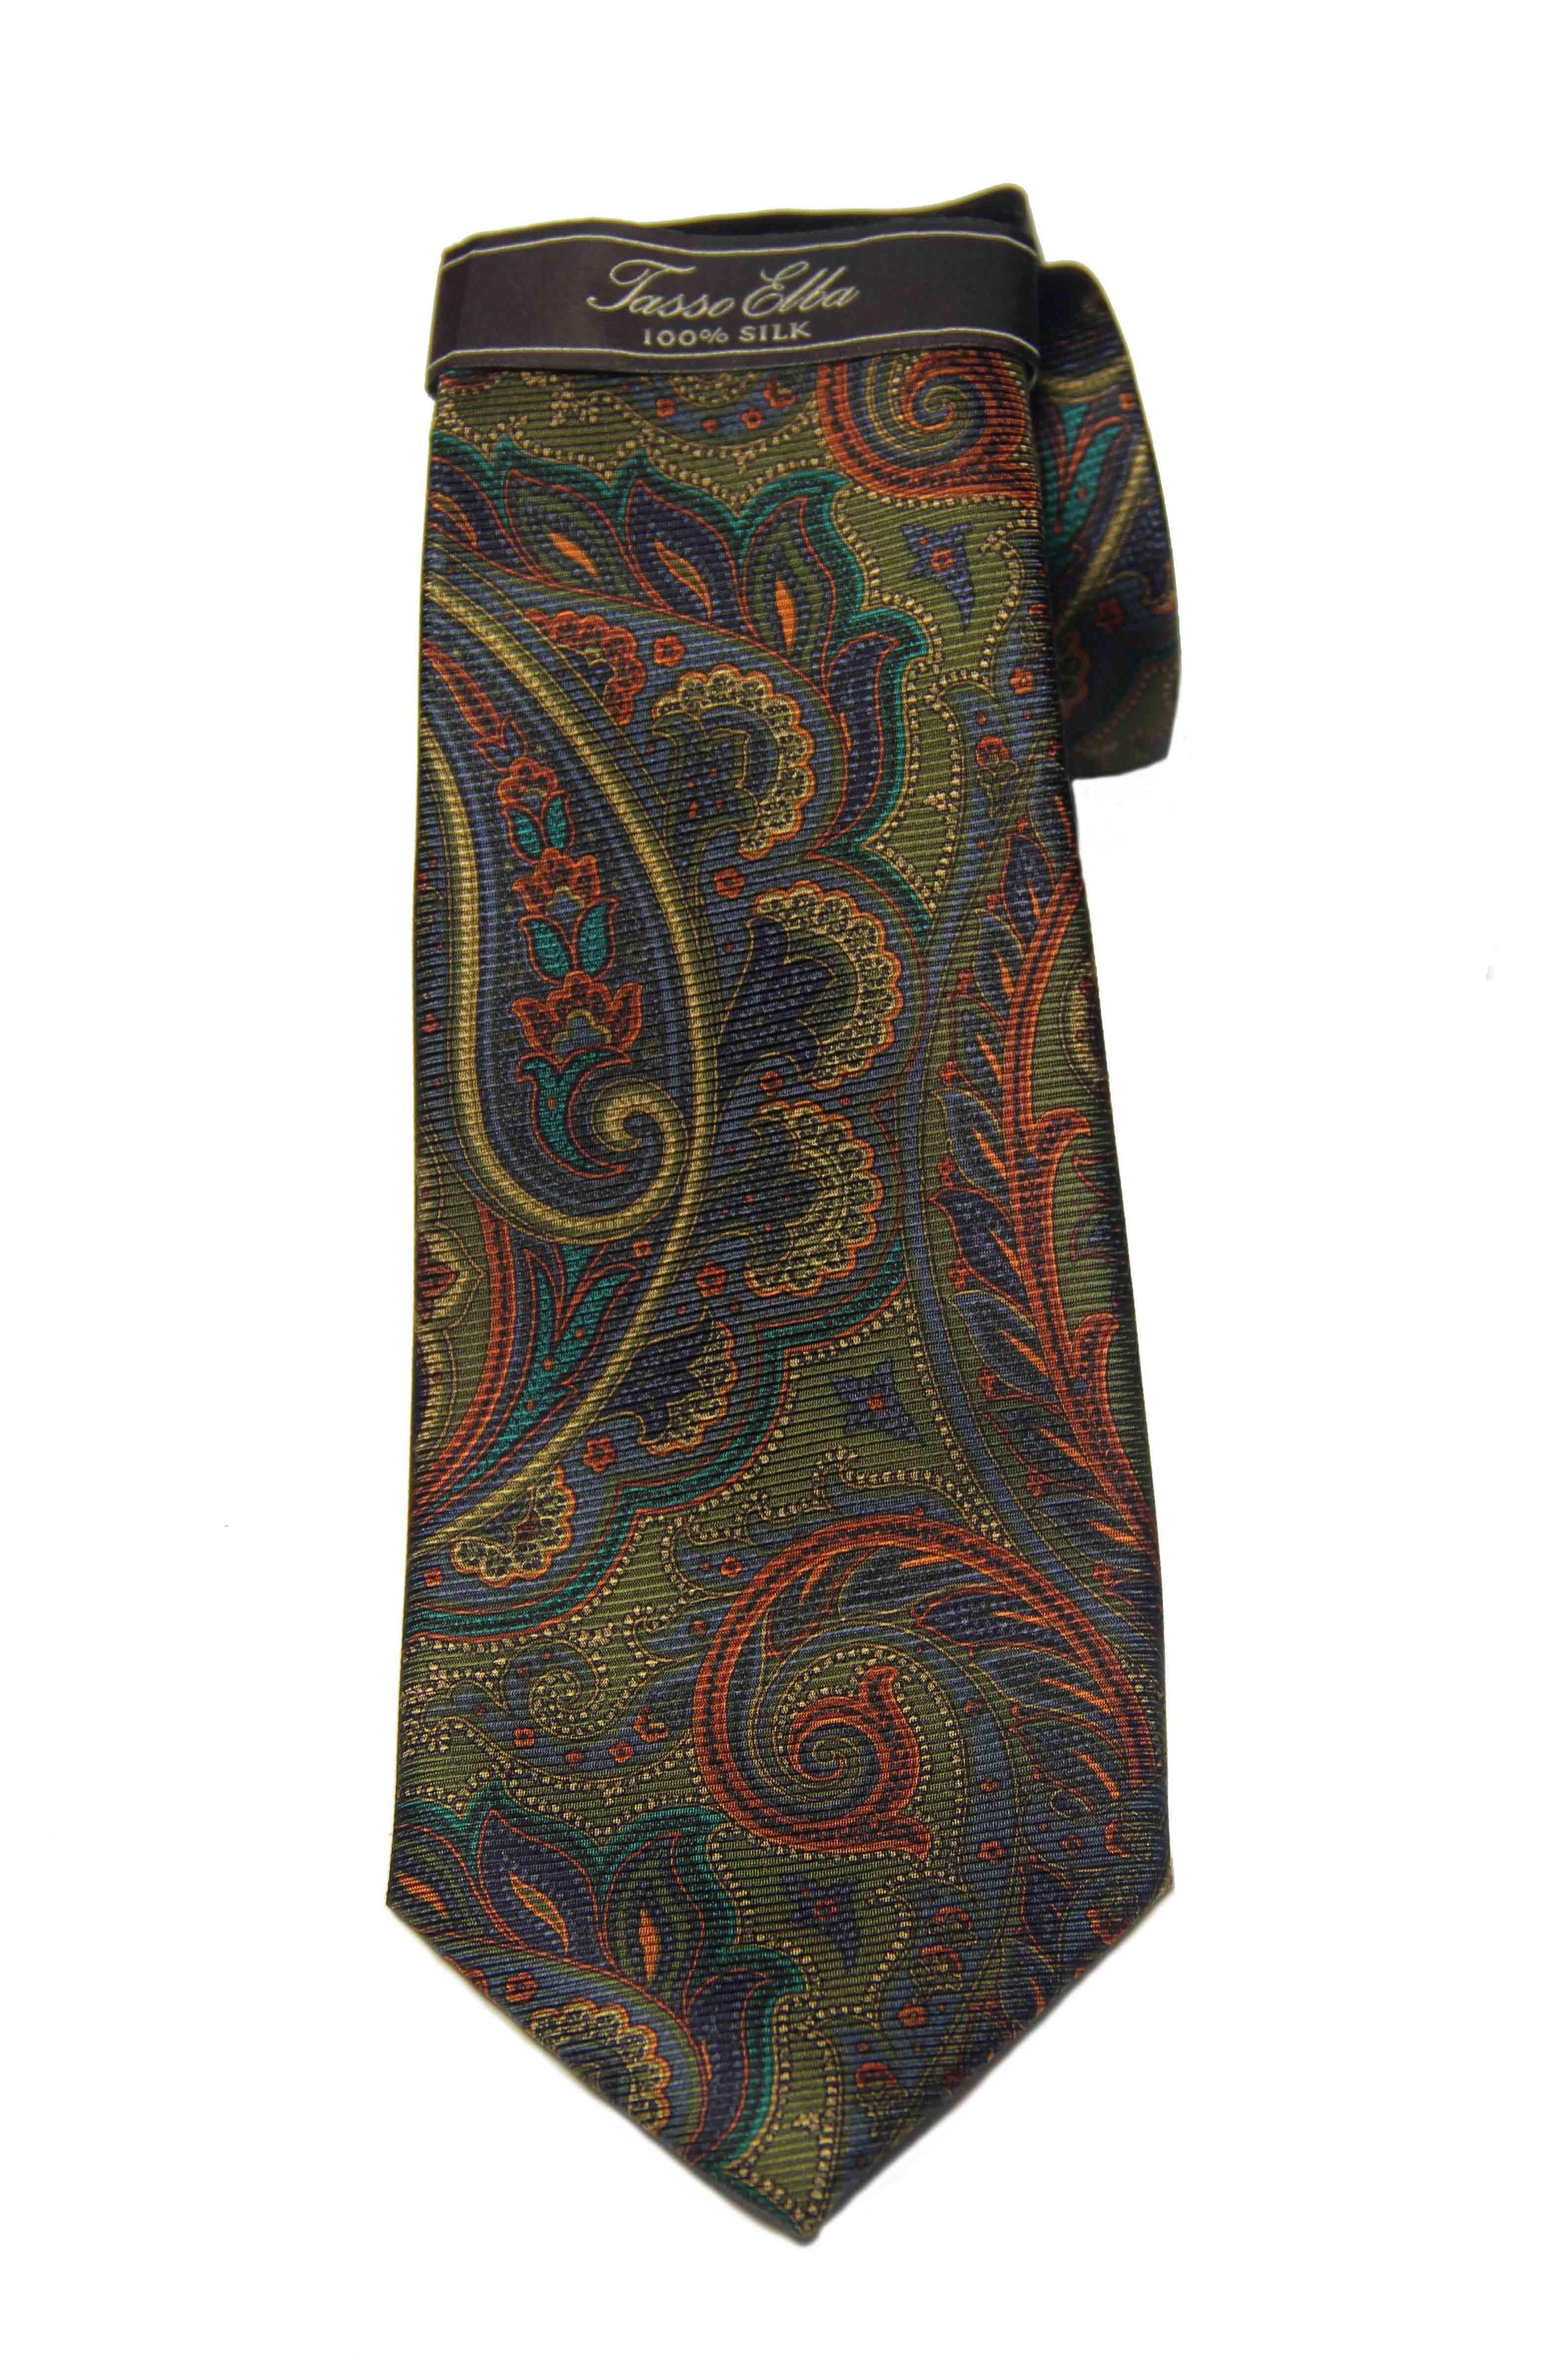 Tasso Elba Anseimi Paisley Tie Silk Olive Men's